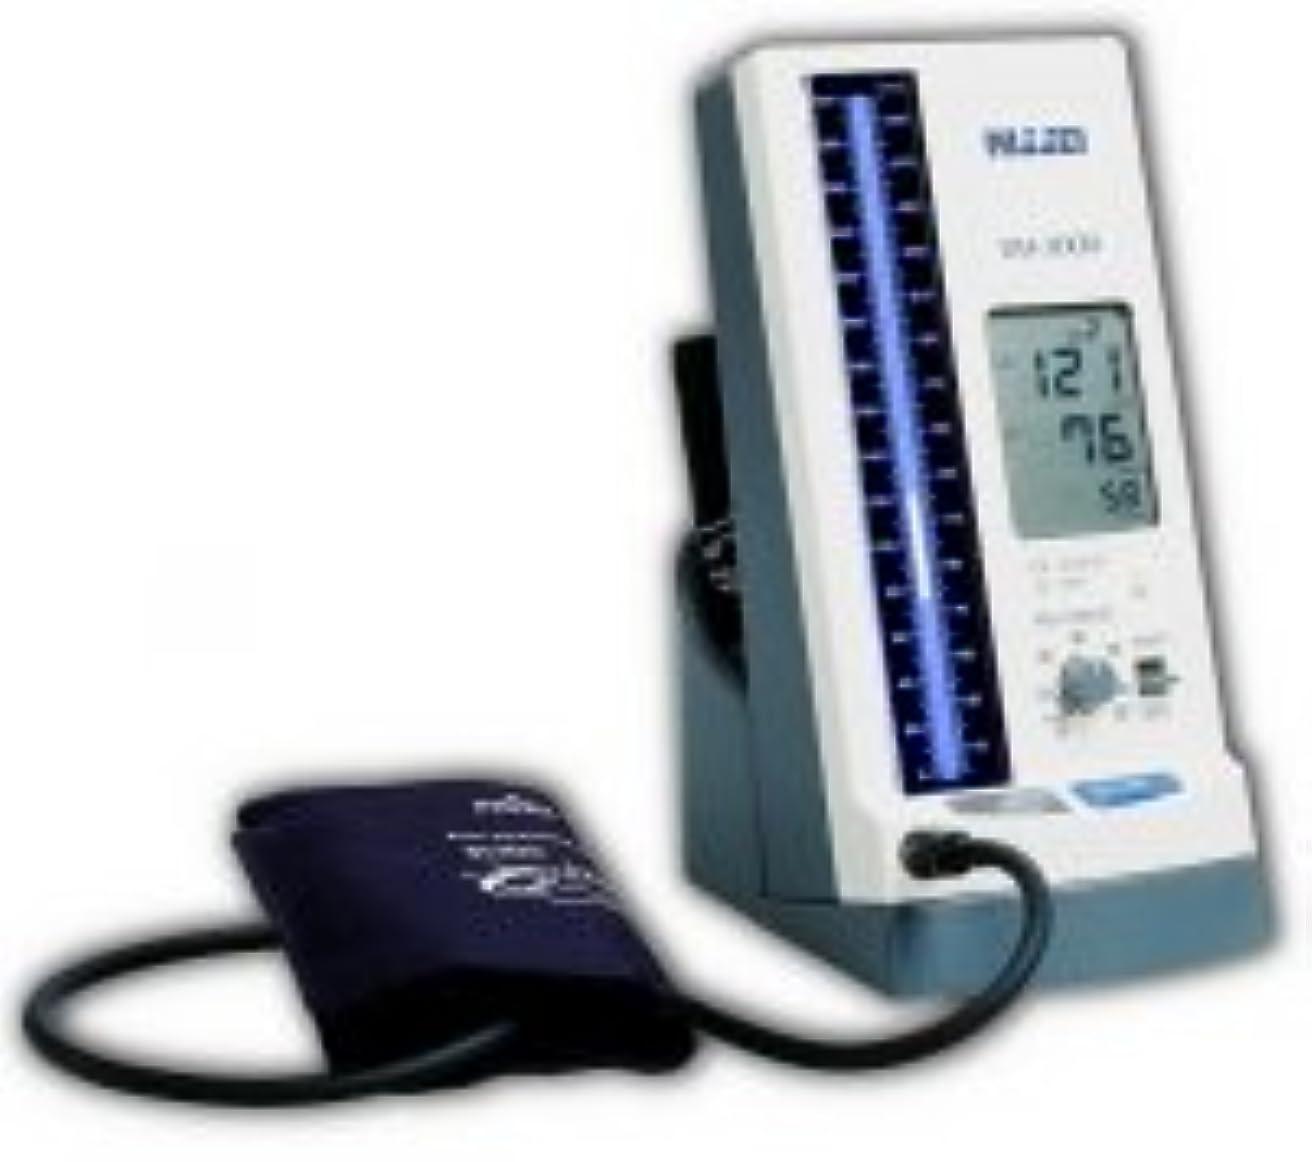 眉をひそめるリスキーな劣るNISSEI 水銀柱イメージ デジタル血圧計 DM-3000